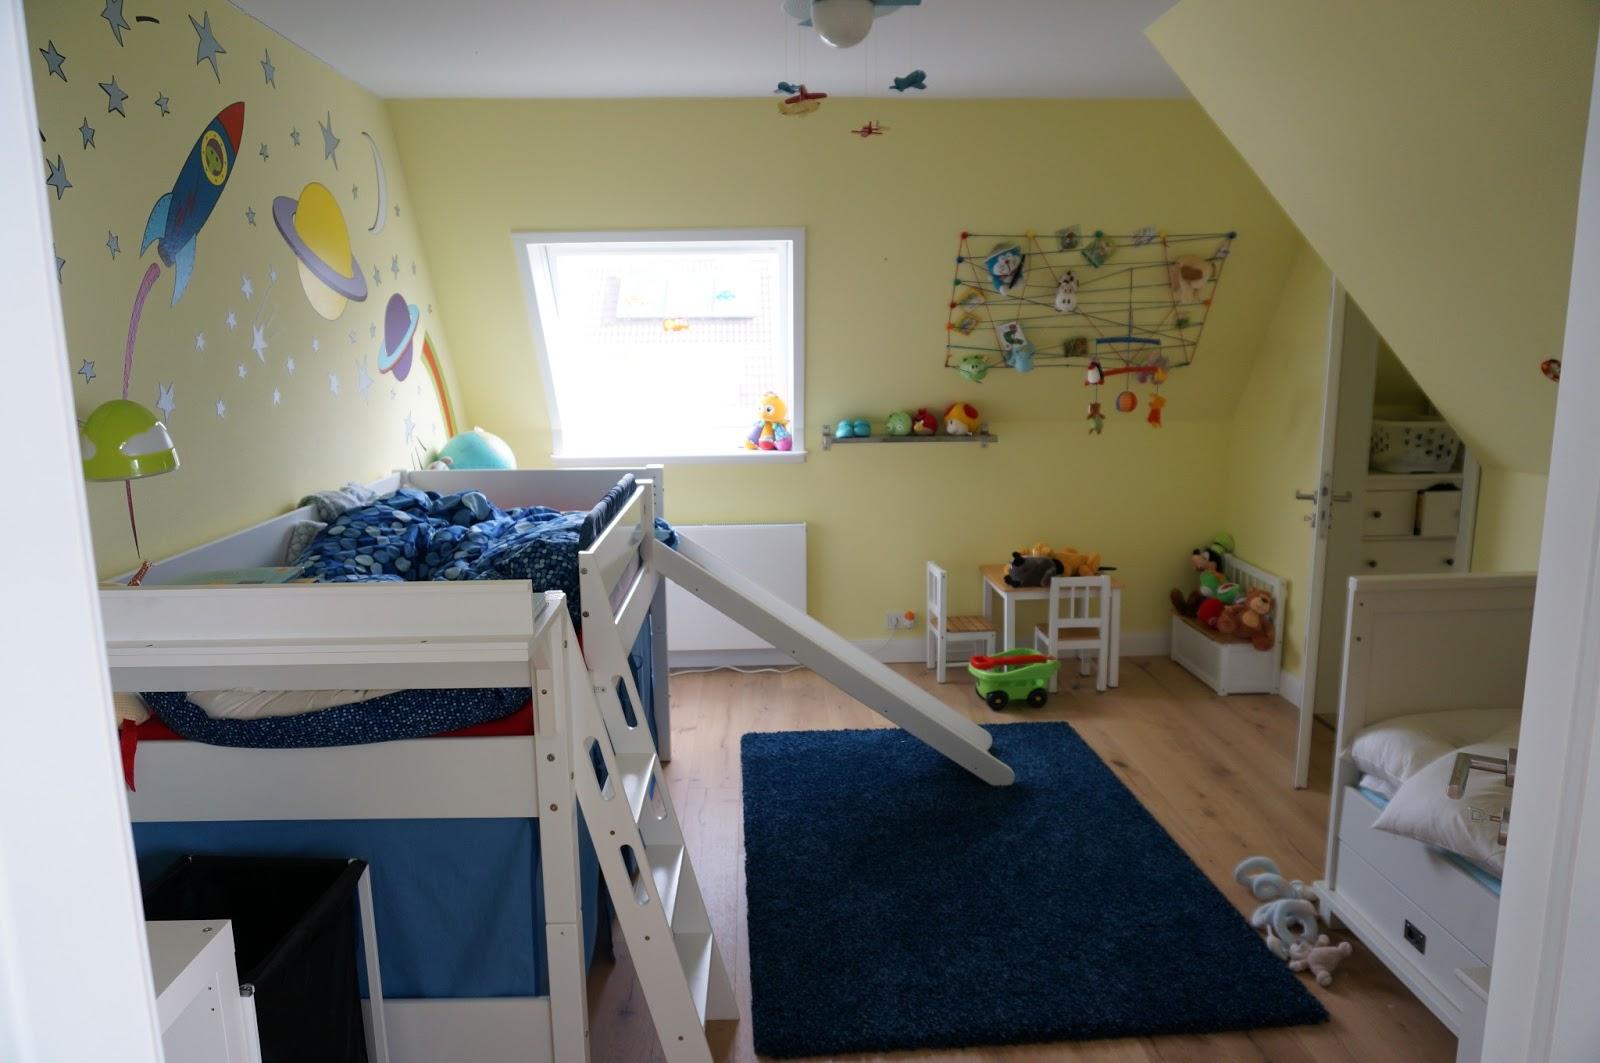 Full Size of Kinderzimmer Für Jungs Regale Regal Kleidung Folie Fenster Deko Küche Sichtschutzfolien Heizkörper Bad Betten übergewichtige Weiß Spiegelschränke Fürs Kinderzimmer Kinderzimmer Für Jungs